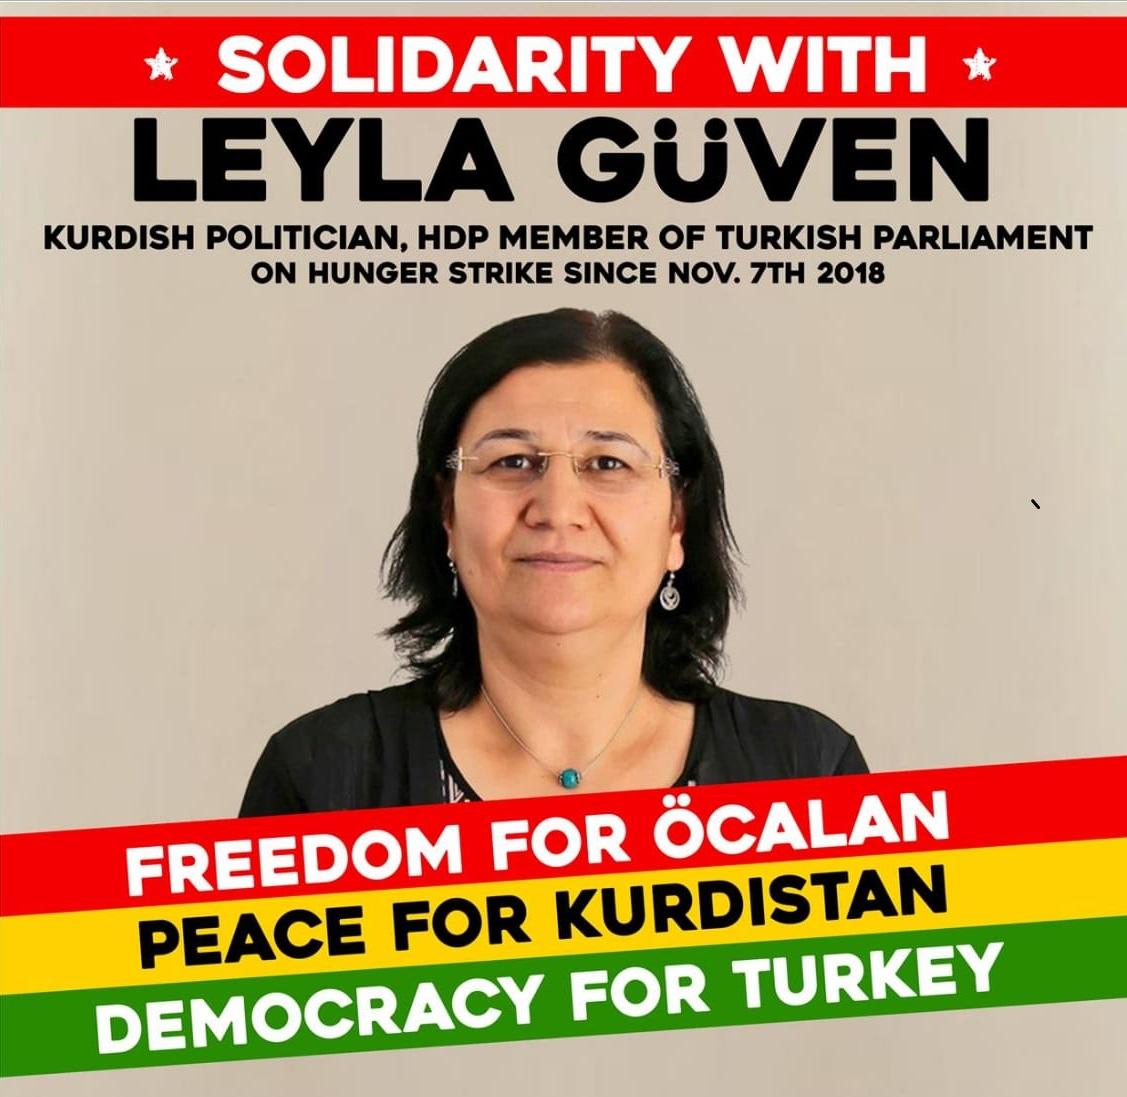 Campagne de soutien à Leyla Güven et aux grévistes de la faim